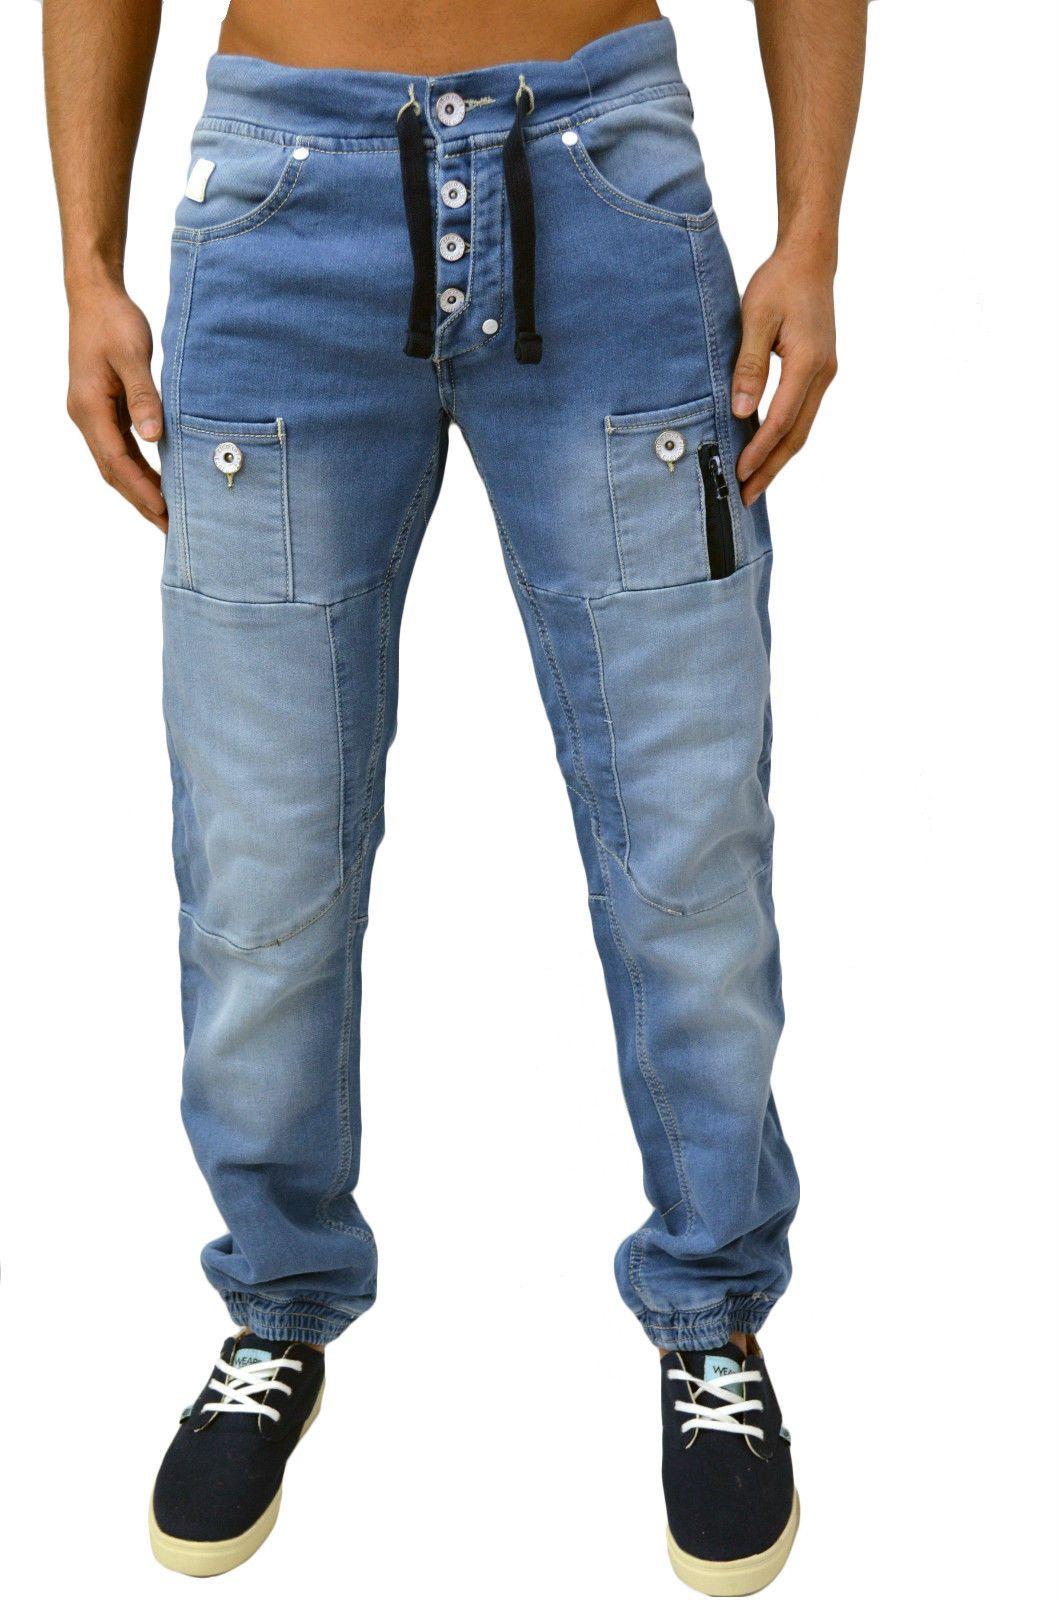 9cfb861c946 Pantalones Vaqueros Hombre Diseñador Zico C puños Chinos Joggers Cargo  Combat